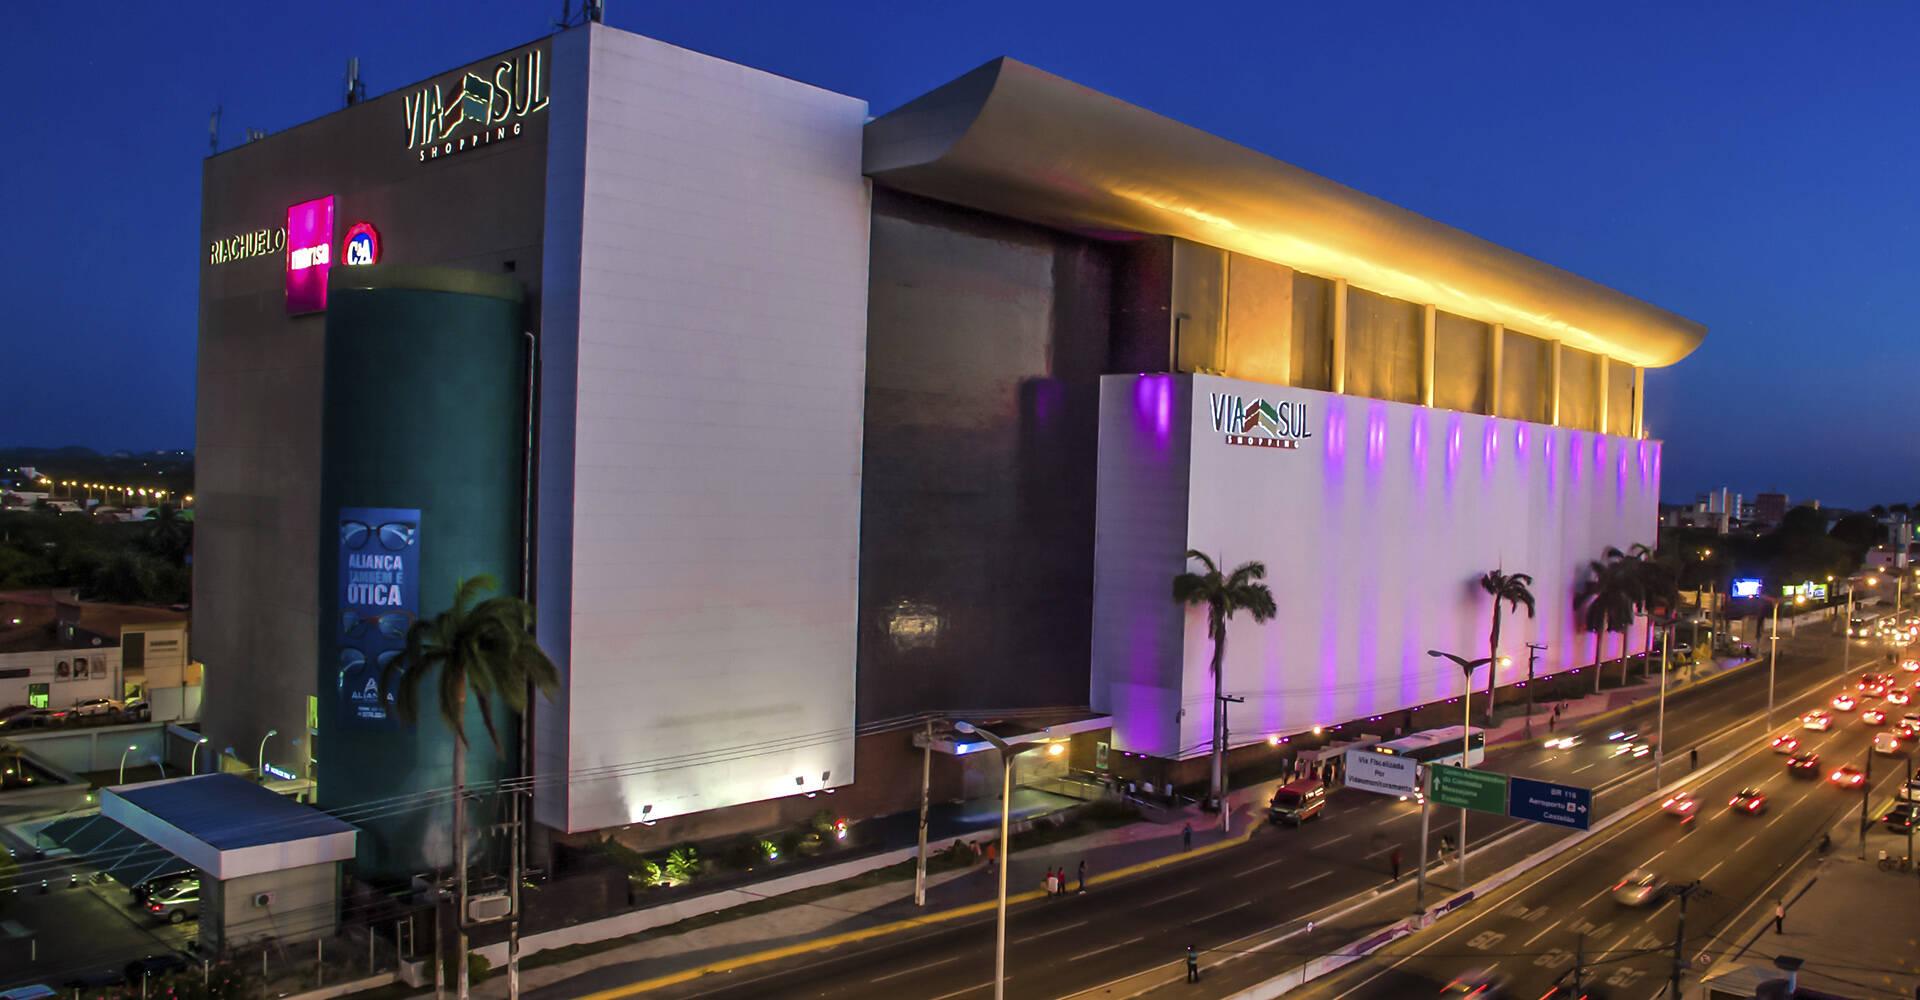 Via Sul Shopping Fortaleza, localizado na Avenida Washington Soares. Foto: Reprodução